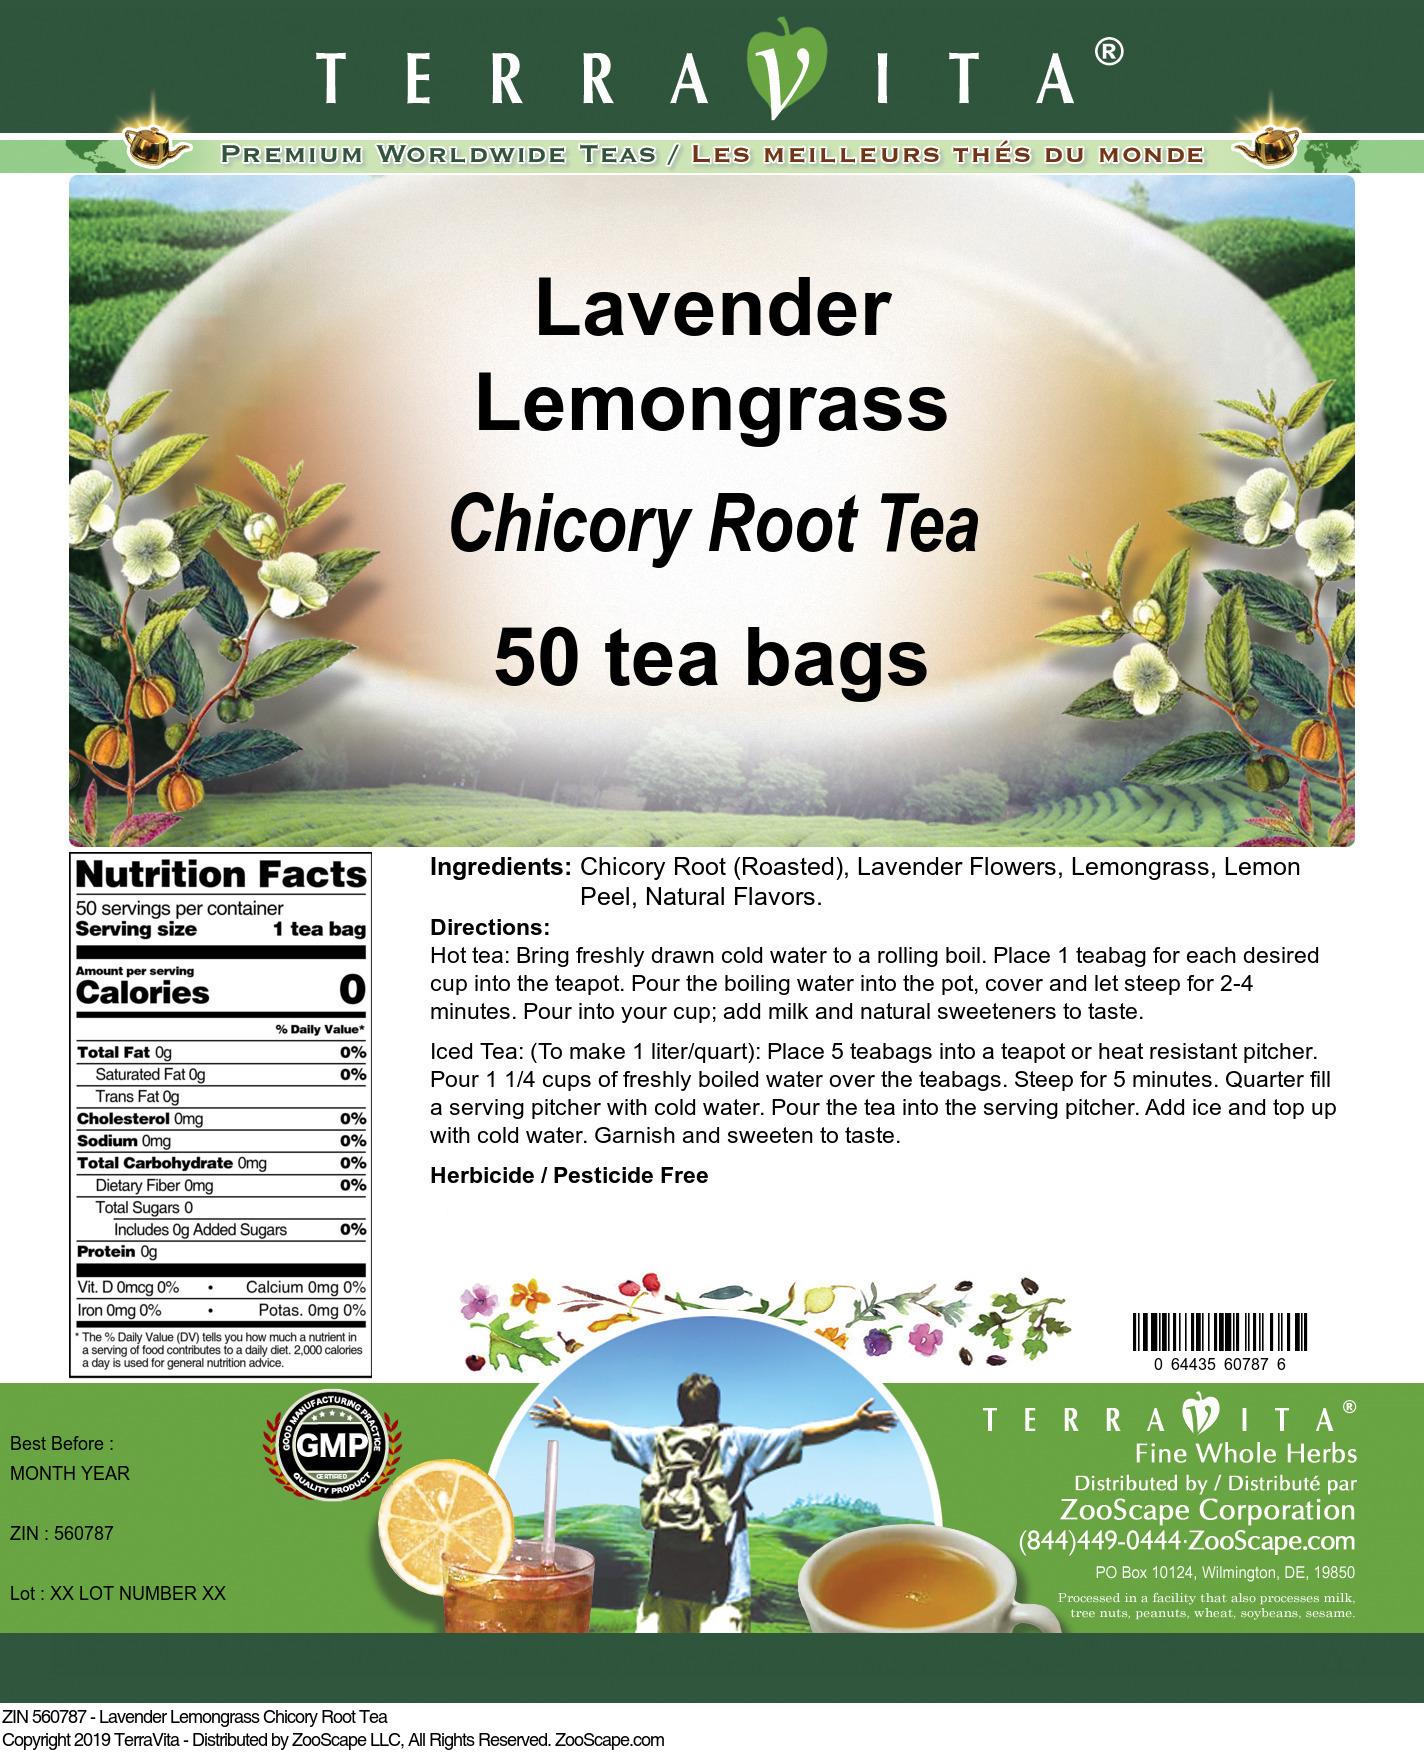 Lavender Lemongrass Chicory Root